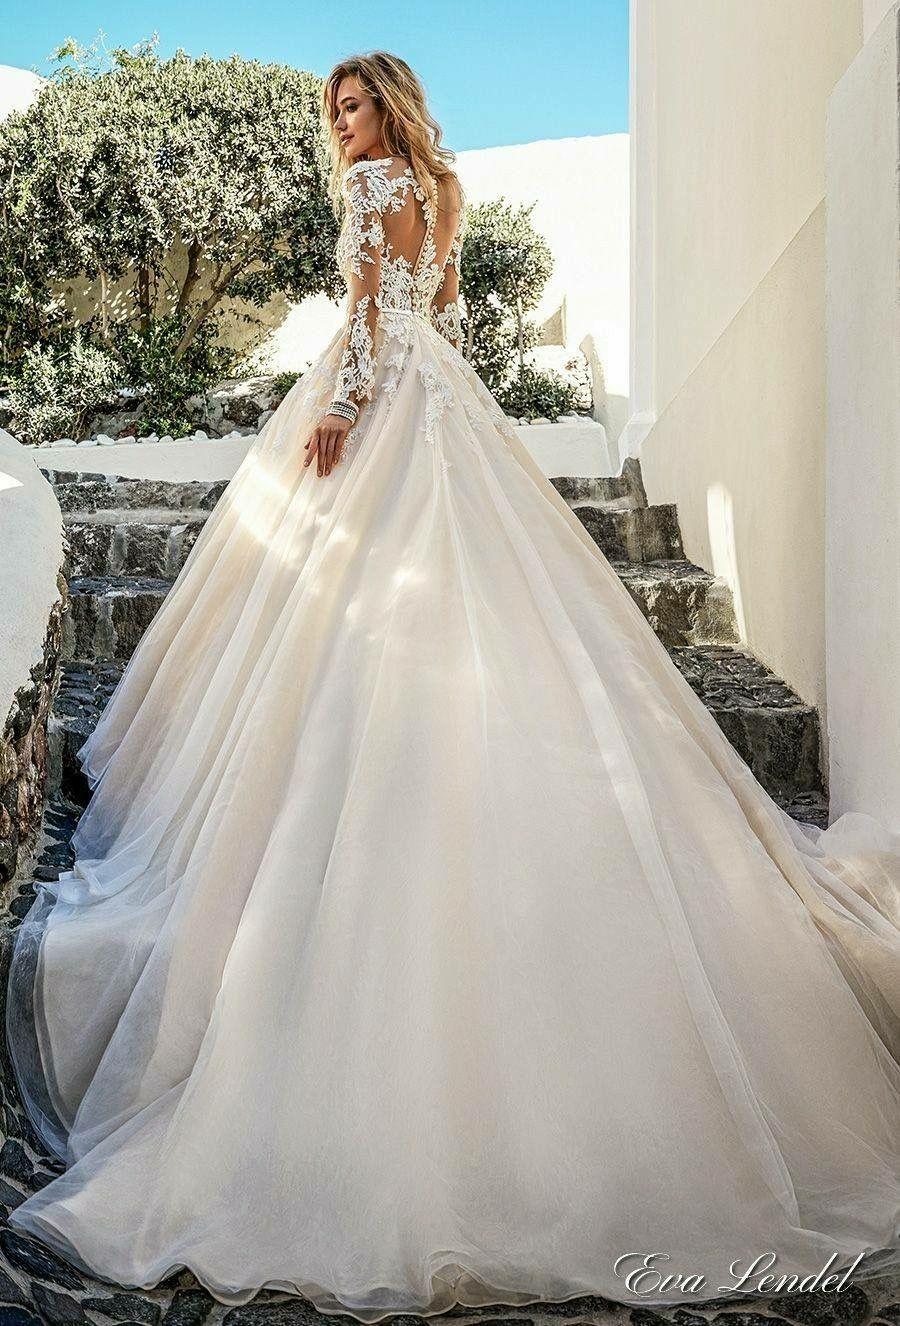 Pin von Olena White auf Everything Bride and Groom | Pinterest ...